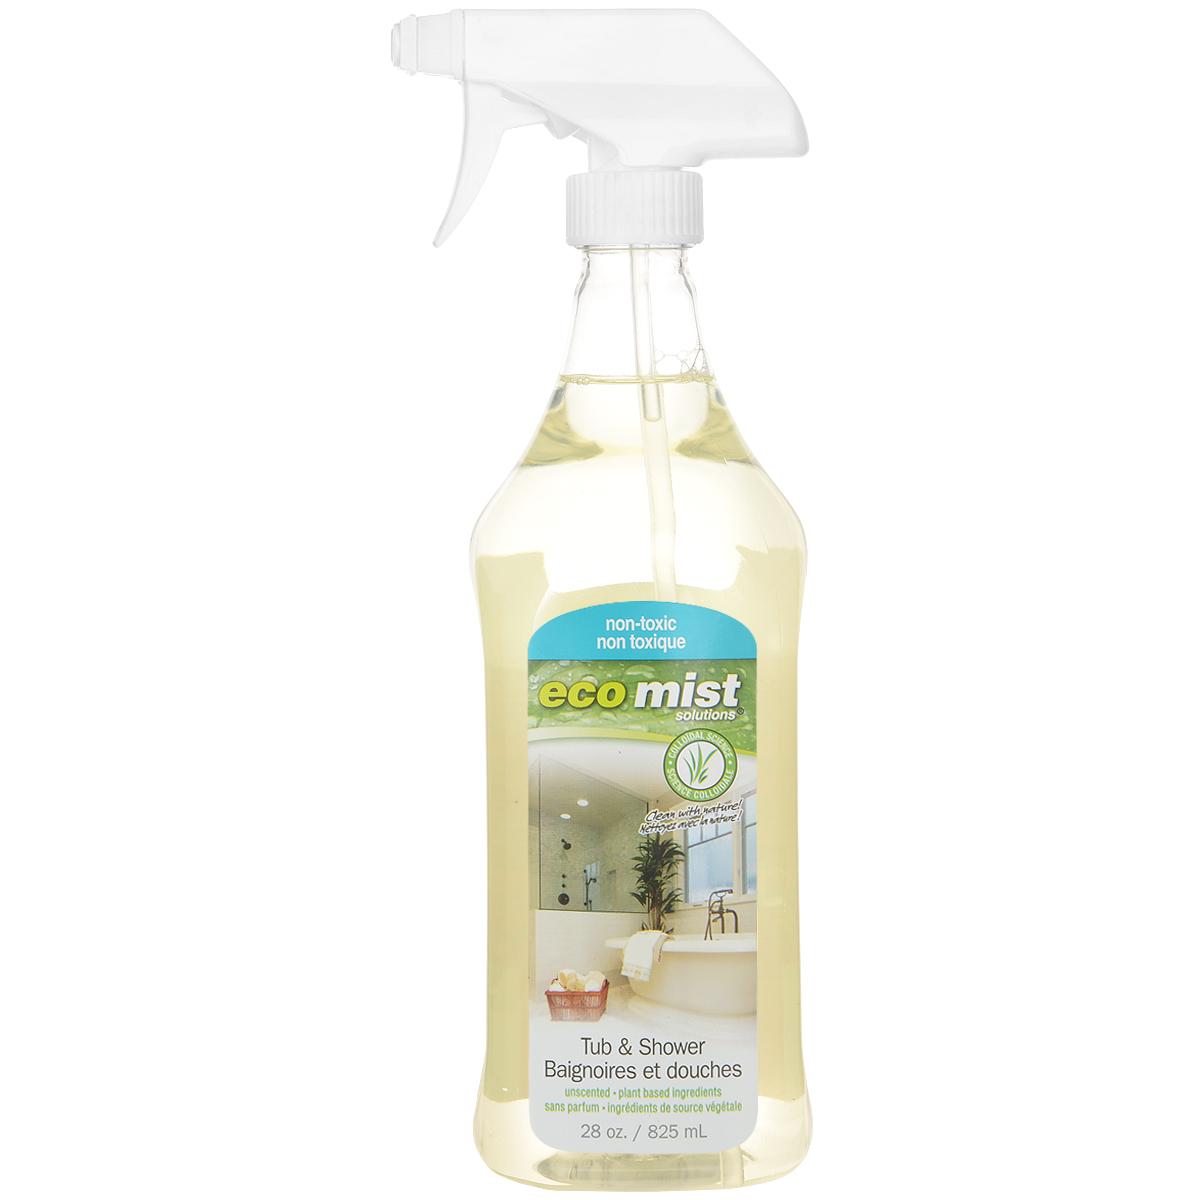 Средство для чистки ванн и душевых кабин Eco Mist, 825 млEM825XXTSTR06EFLСредство Eco Mist предназначено для очистки ванн, душевых кабин/дверей, плитки, раковин, унитазов, а также для удаления мыльной пены, плесени и грибков. Дезинфицирует поверхность, нейтрализует неприятные запахи. Поверхность приобретает необыкновенную чистоту и блеск. Состав: дехлорированная вода, экстракт зерна, древесный сок, экстракт кукурузы, экстракт картофеля, сахарный тростник.